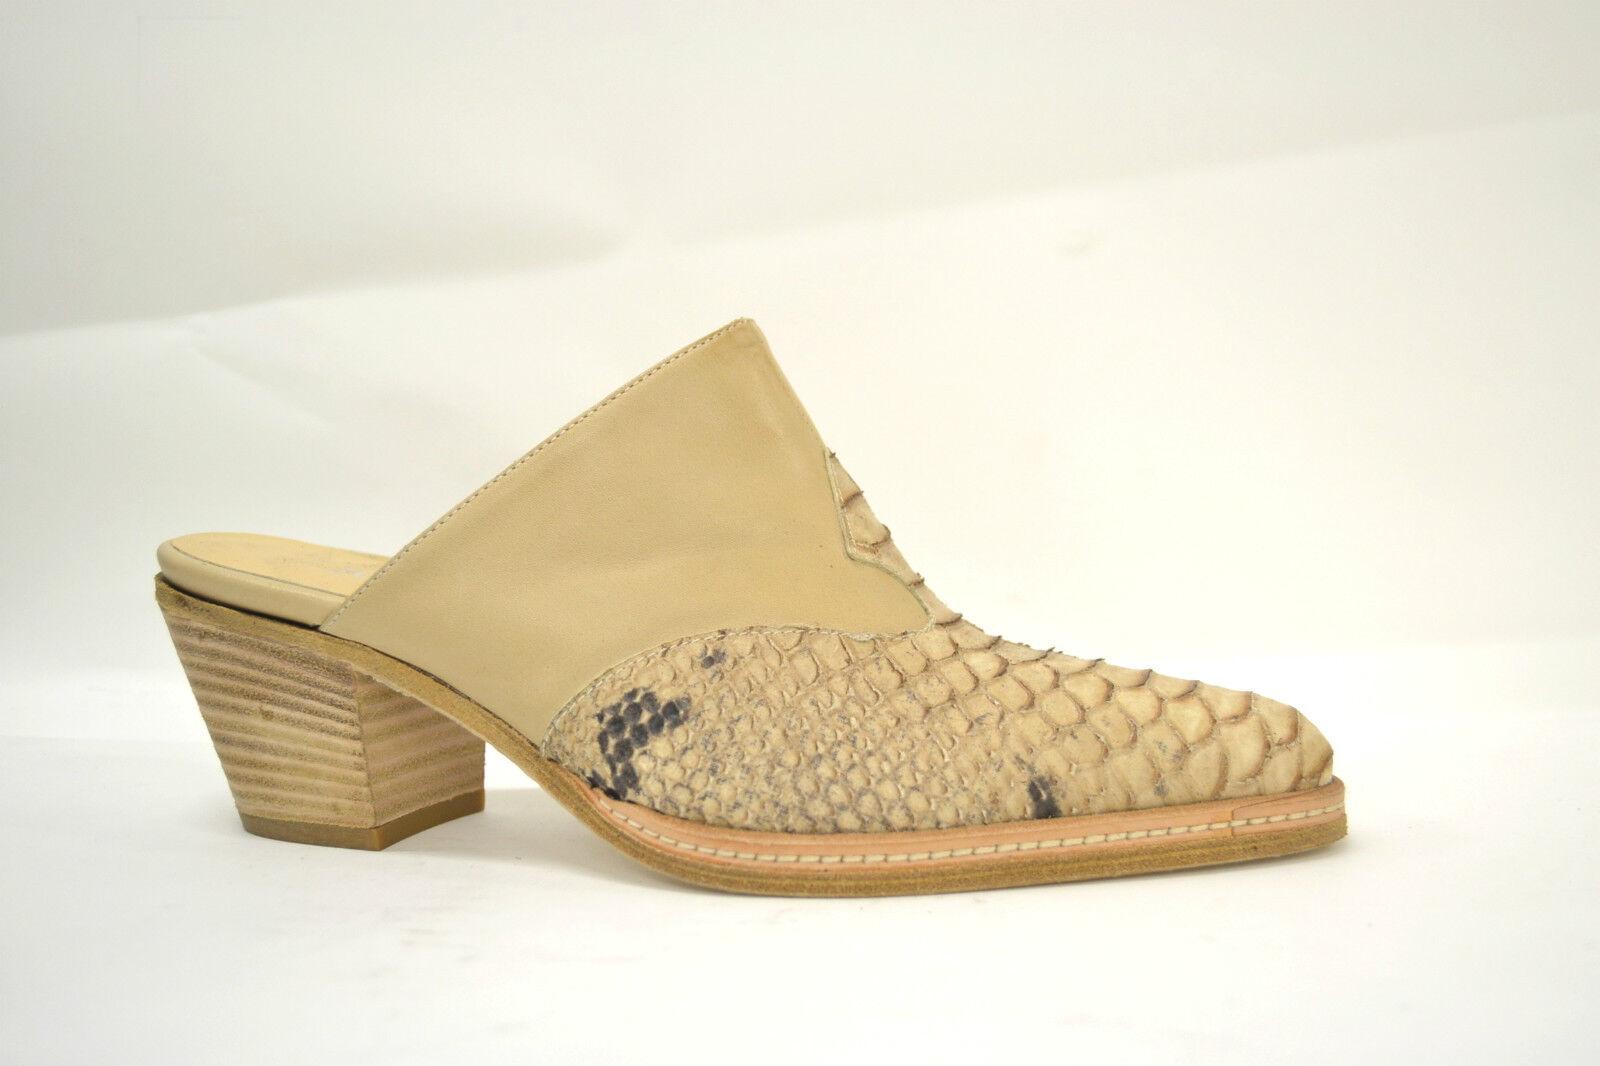 Schuhe SABOT Damens BEIGE VERA PELLE ARTIGIANALI VITELLO + PITONE STAMPATO ARTIGIANALI PELLE 35-40 ba12cc